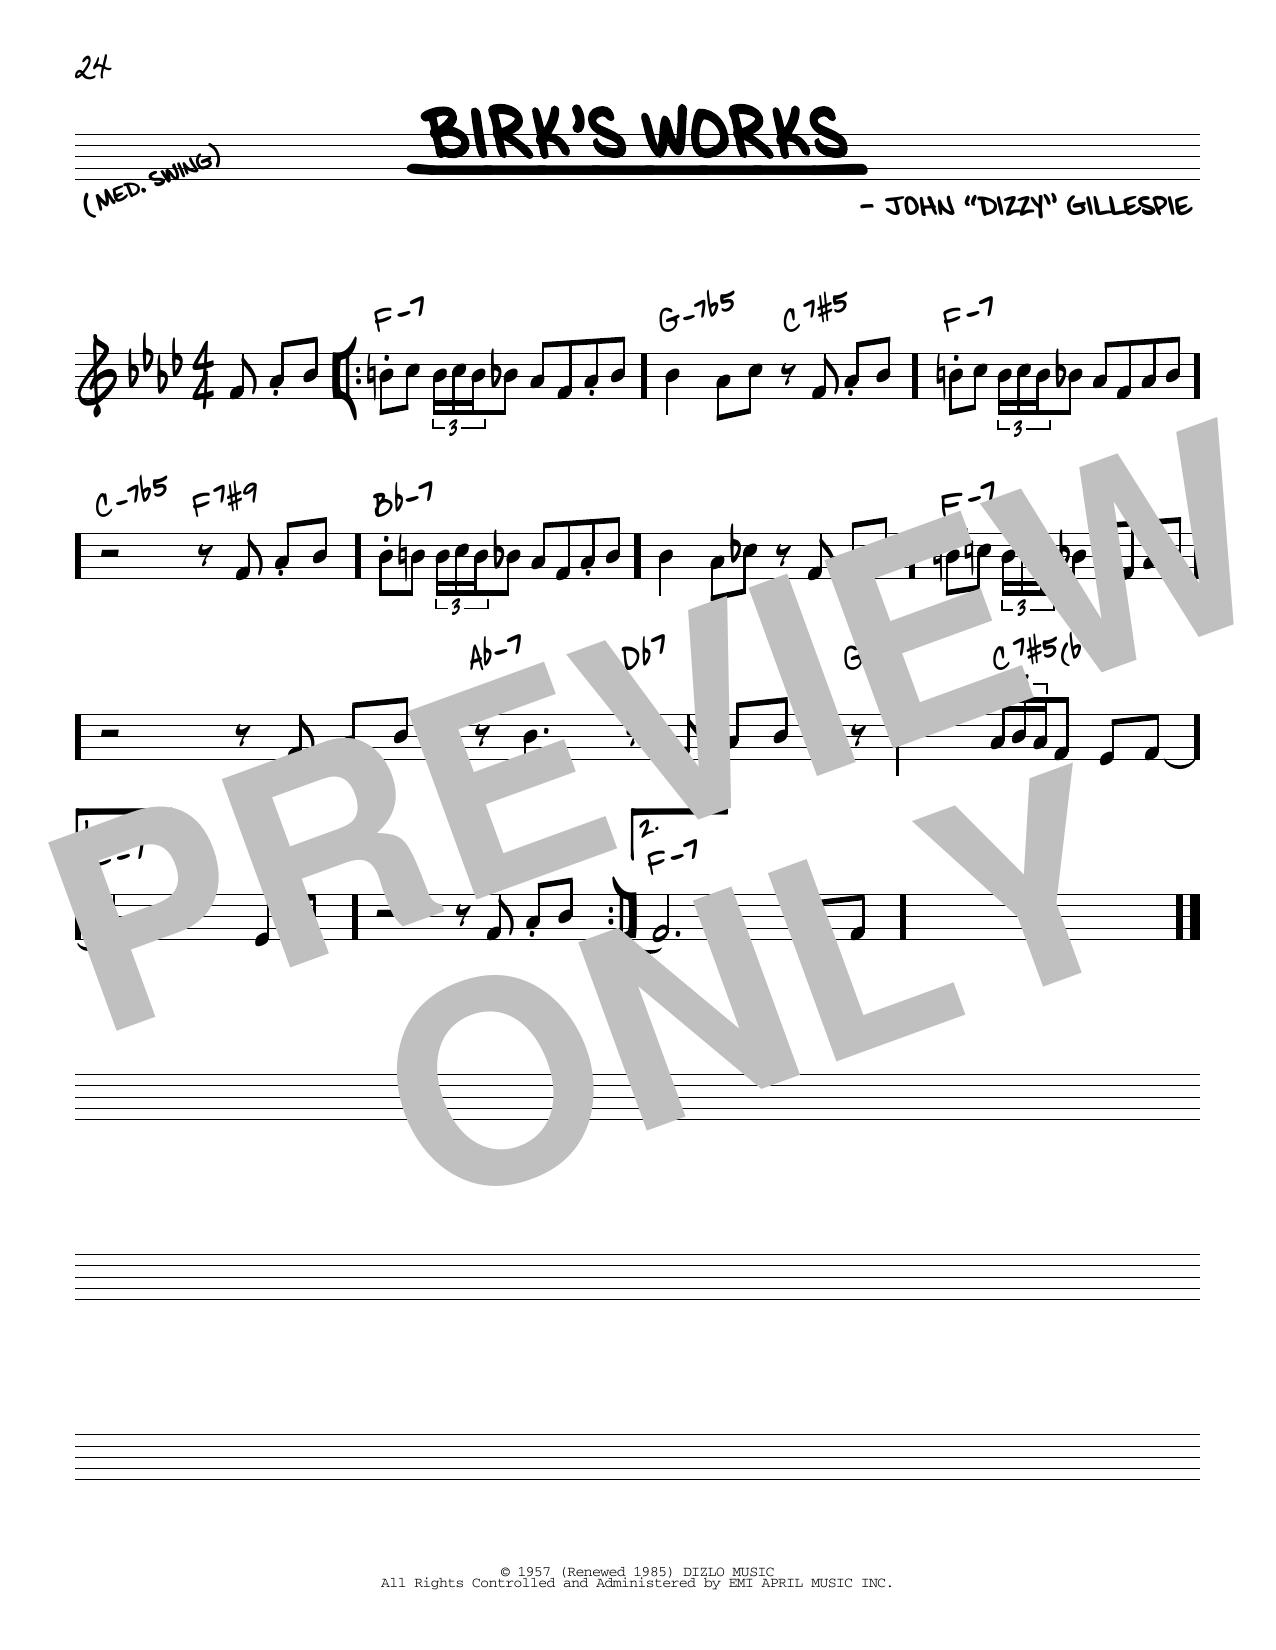 Partition autre Birk's Works de Dizzy Gillespie - Real Book, Melodie et Accords, Inst. En Do